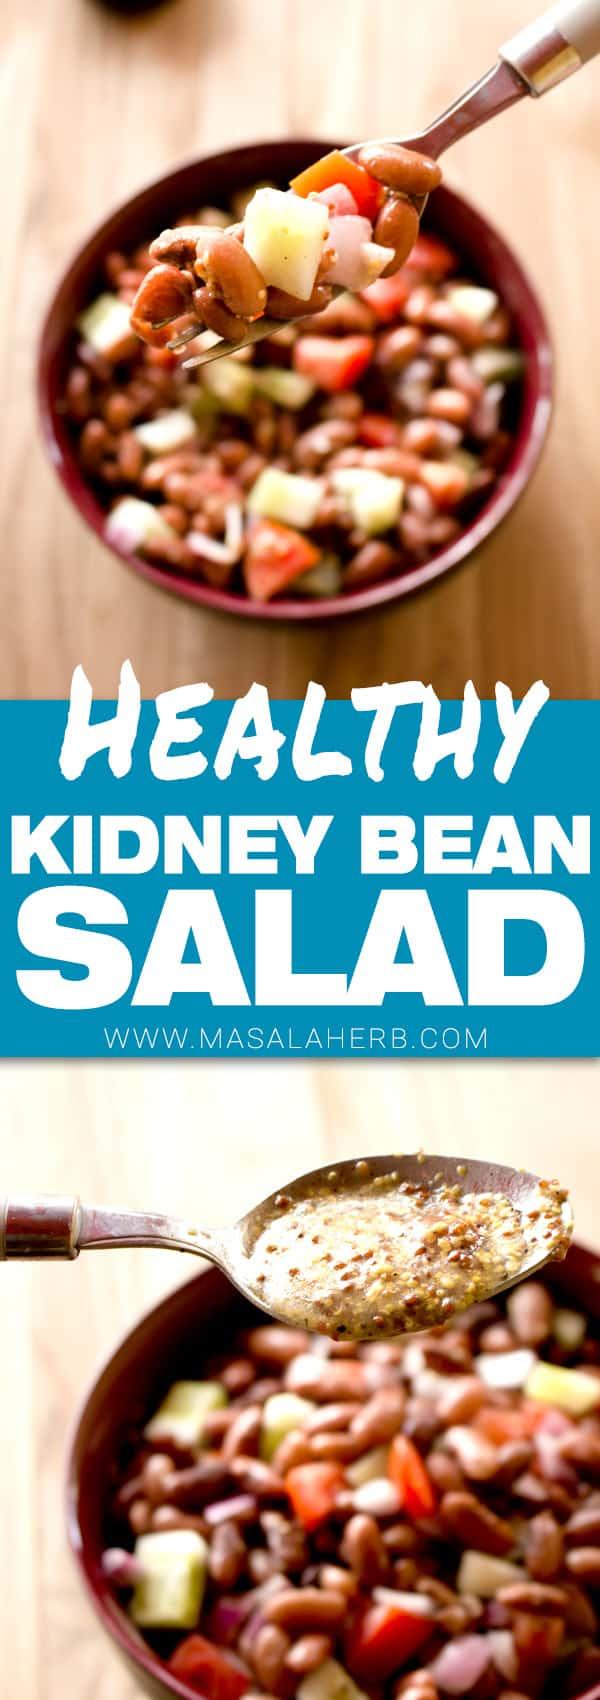 Kidney Bean Salad with Vinaigrette Dressing- How to make Kidney Bean Salad - Rajma Salad www.MasalaHerb.com #salad #beans #vinaigrette #masalaherb